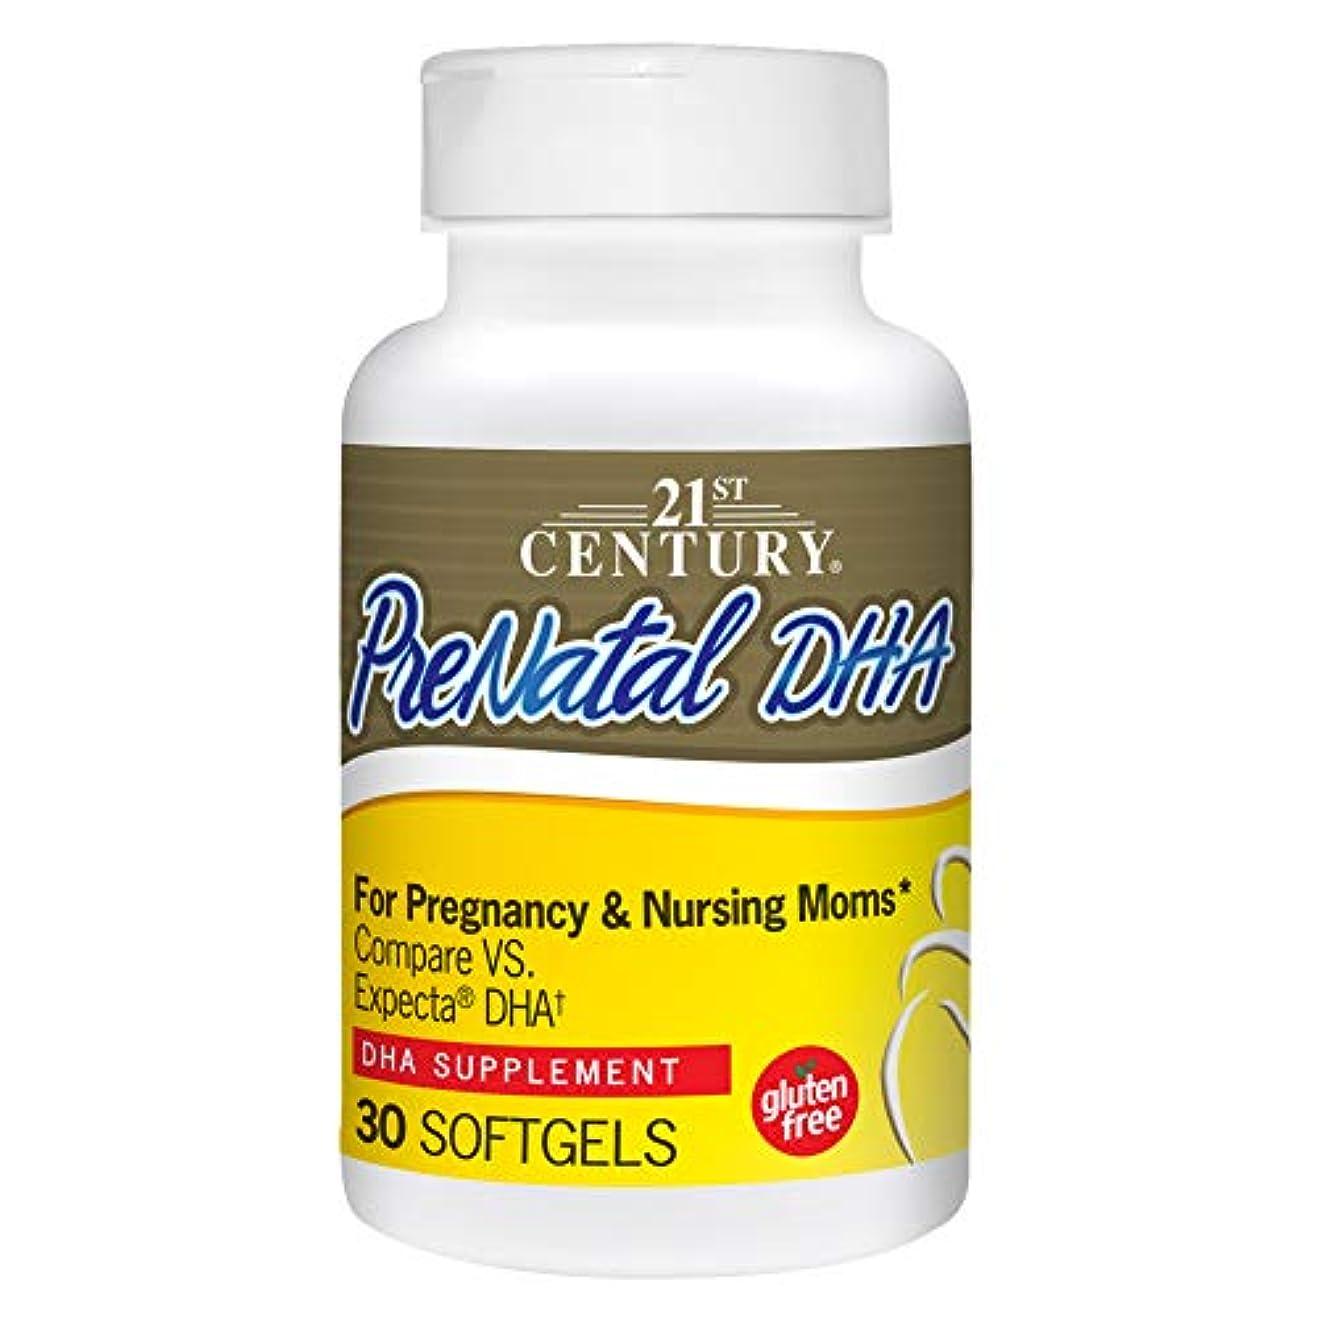 影響力のあるさまよう銛妊婦用 PreNatal DHA 出生前DHA30ソフトジェル (パラレル入力品)と妊婦(海外カラの直送品)PreNatal DHA 30 Softgels